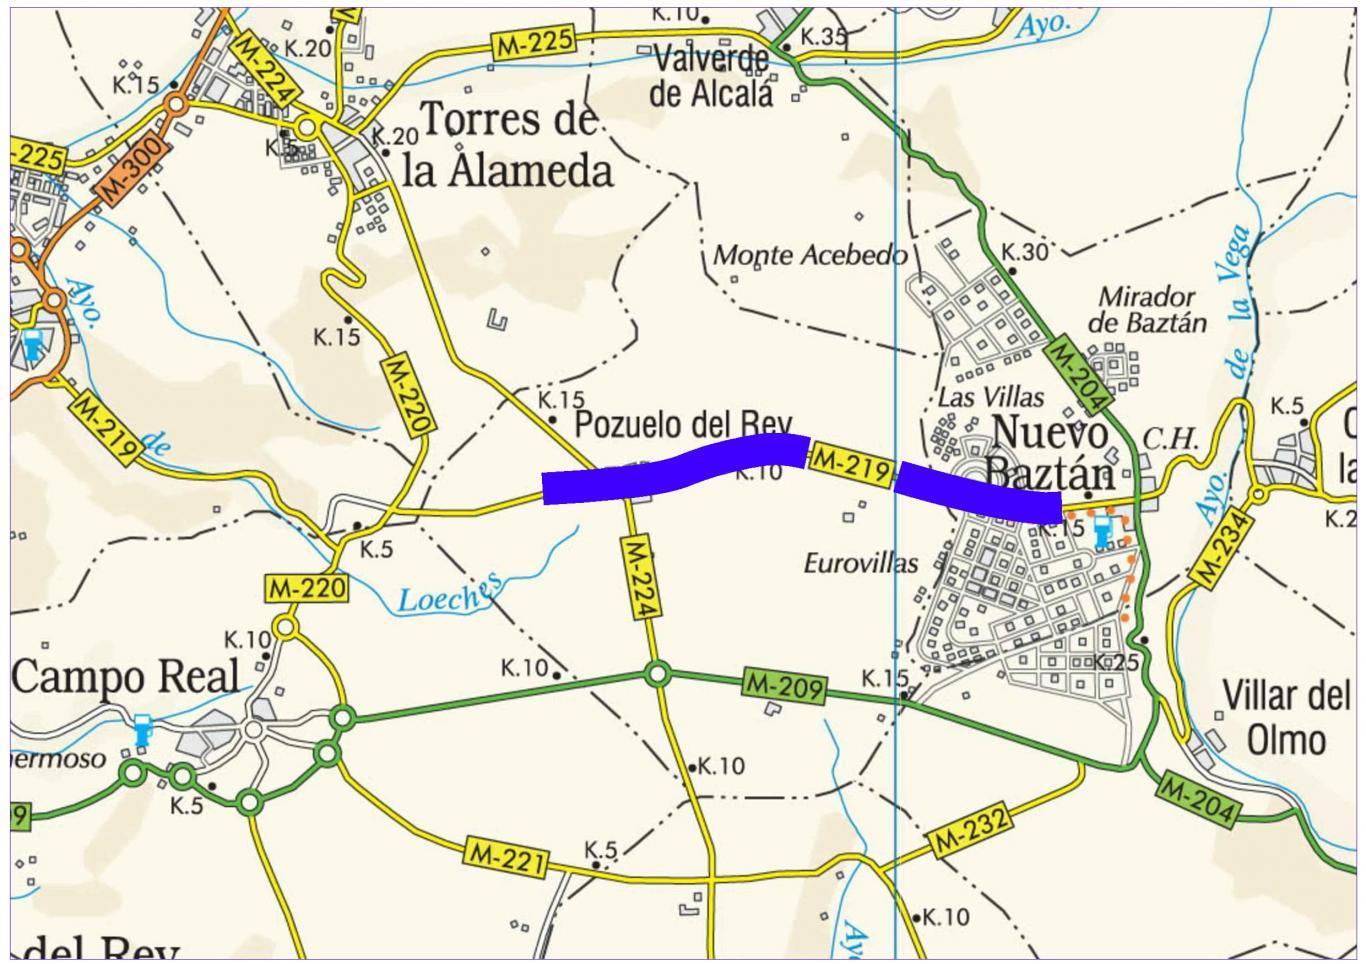 Plano de situación de la obra M-219 pk 8,000-15,500